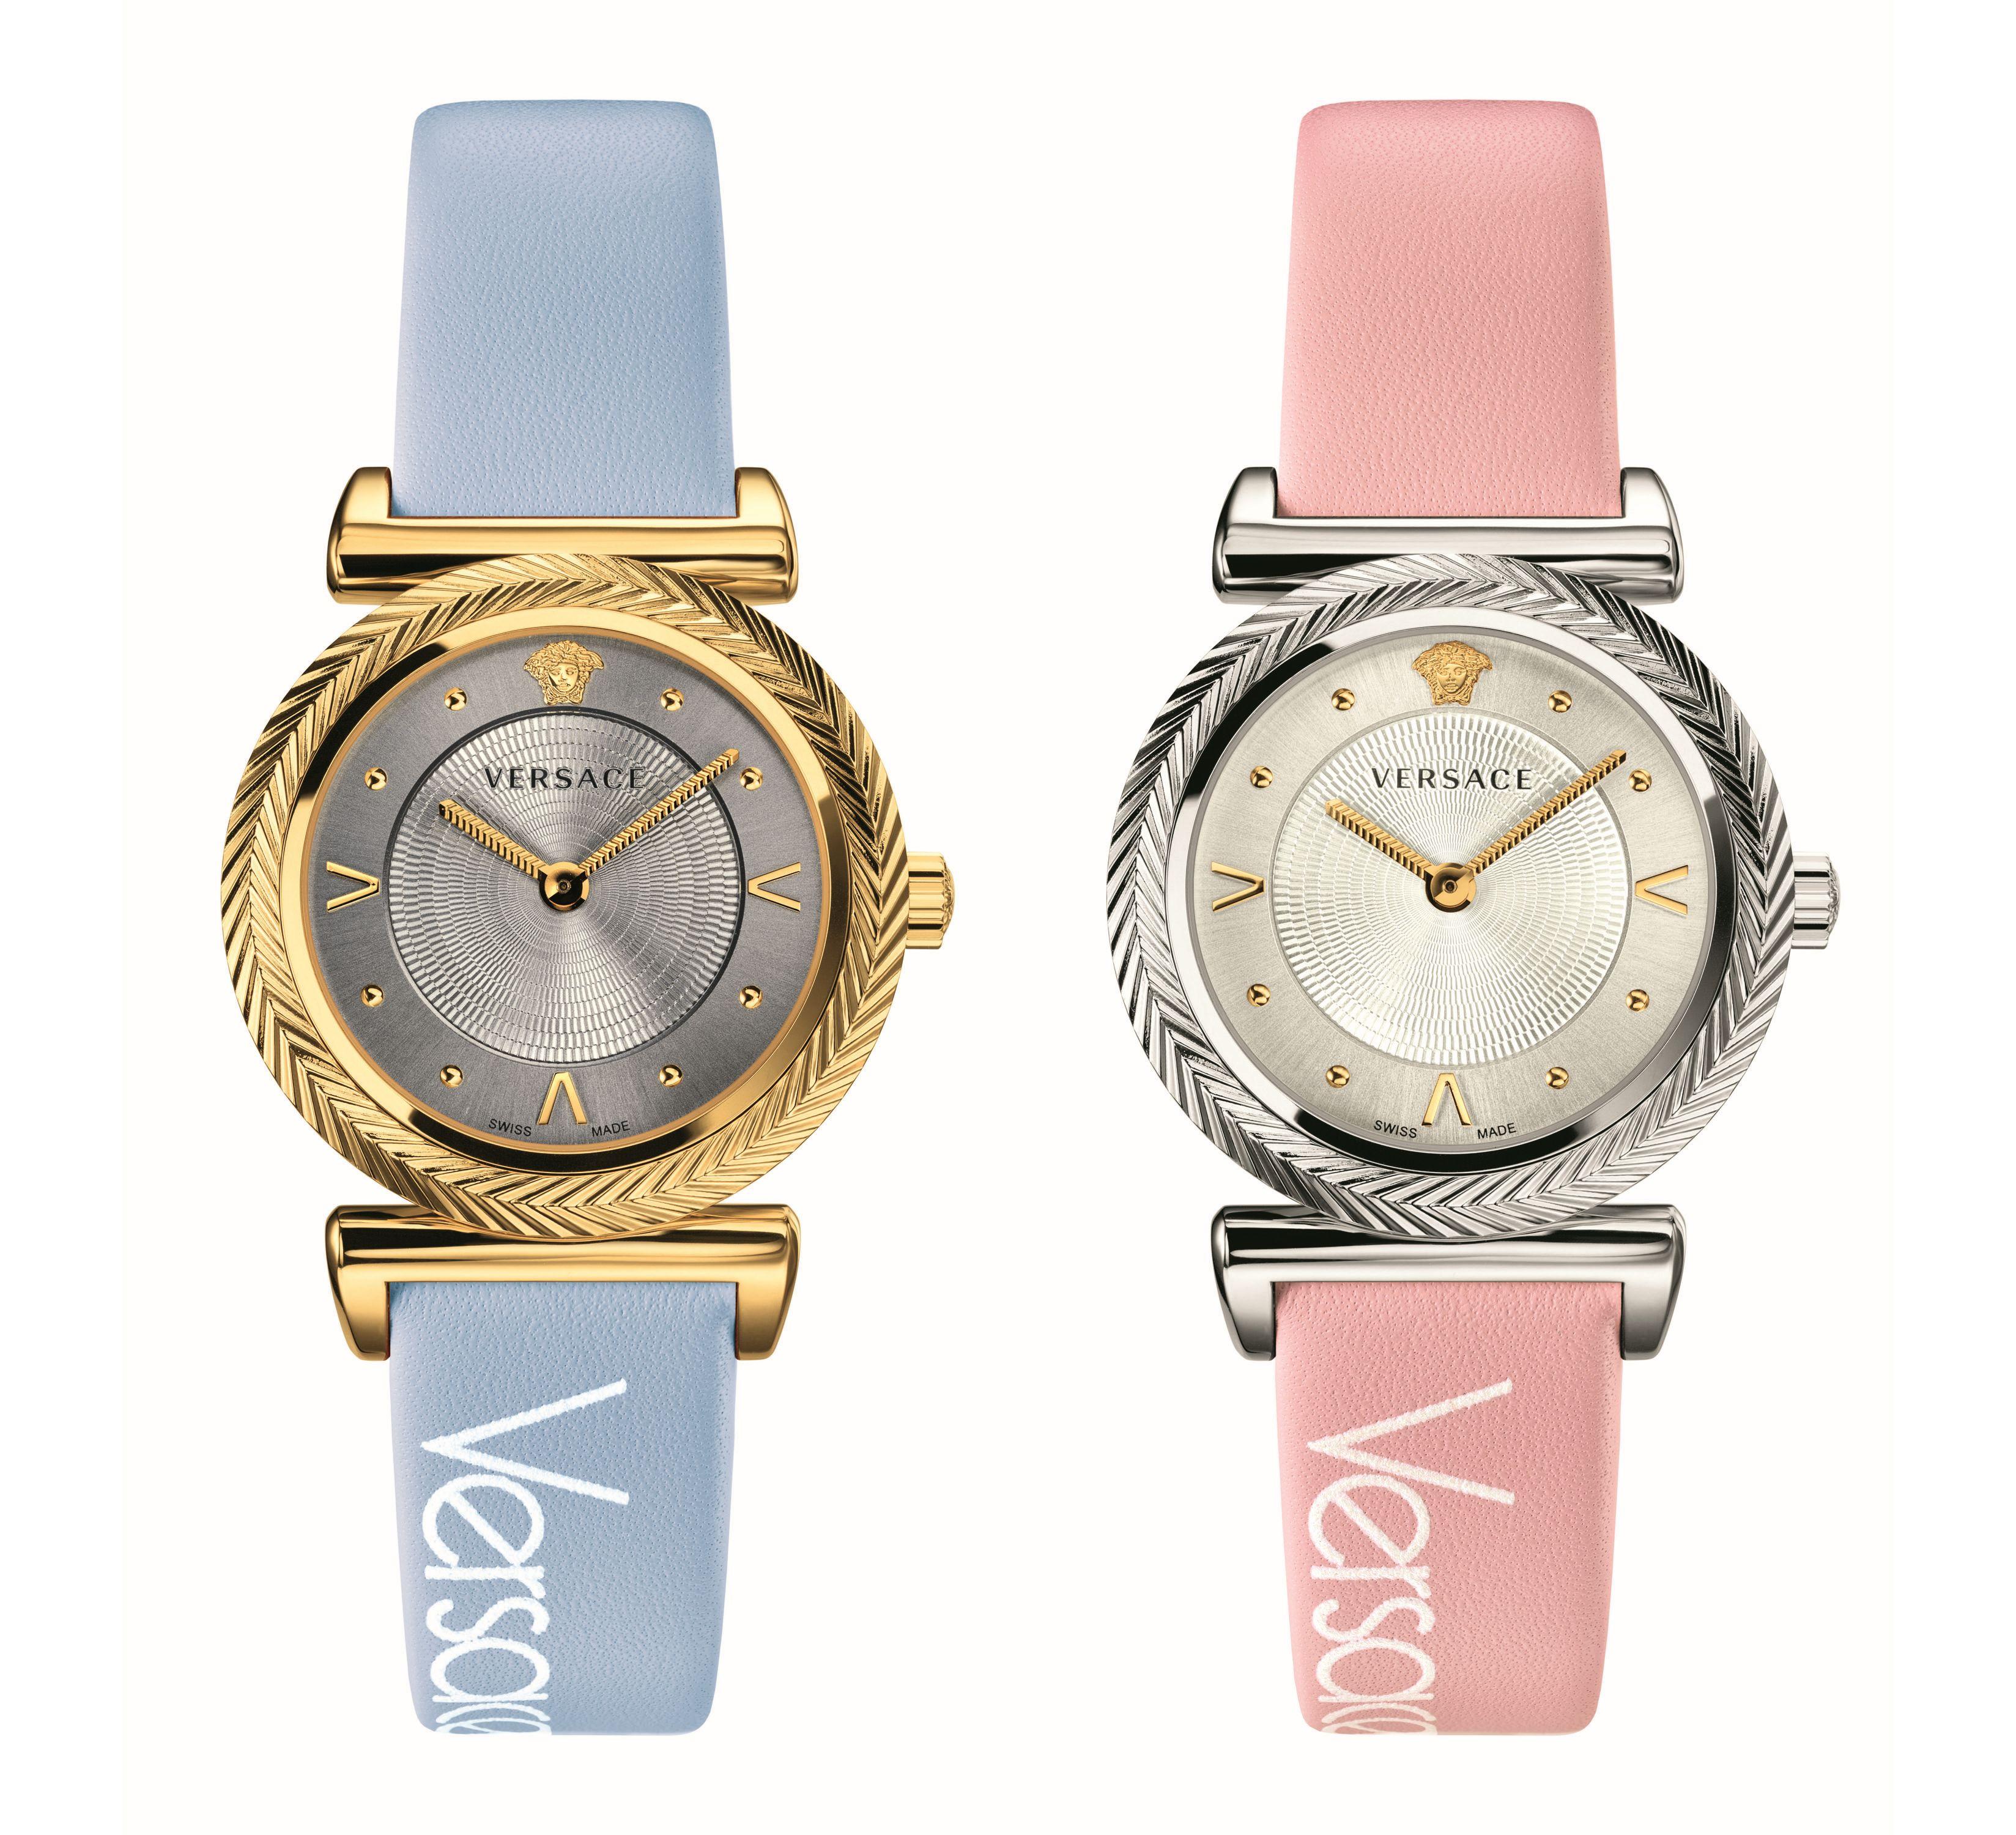 Новые часы Versace – винтаж в пастельных тонах